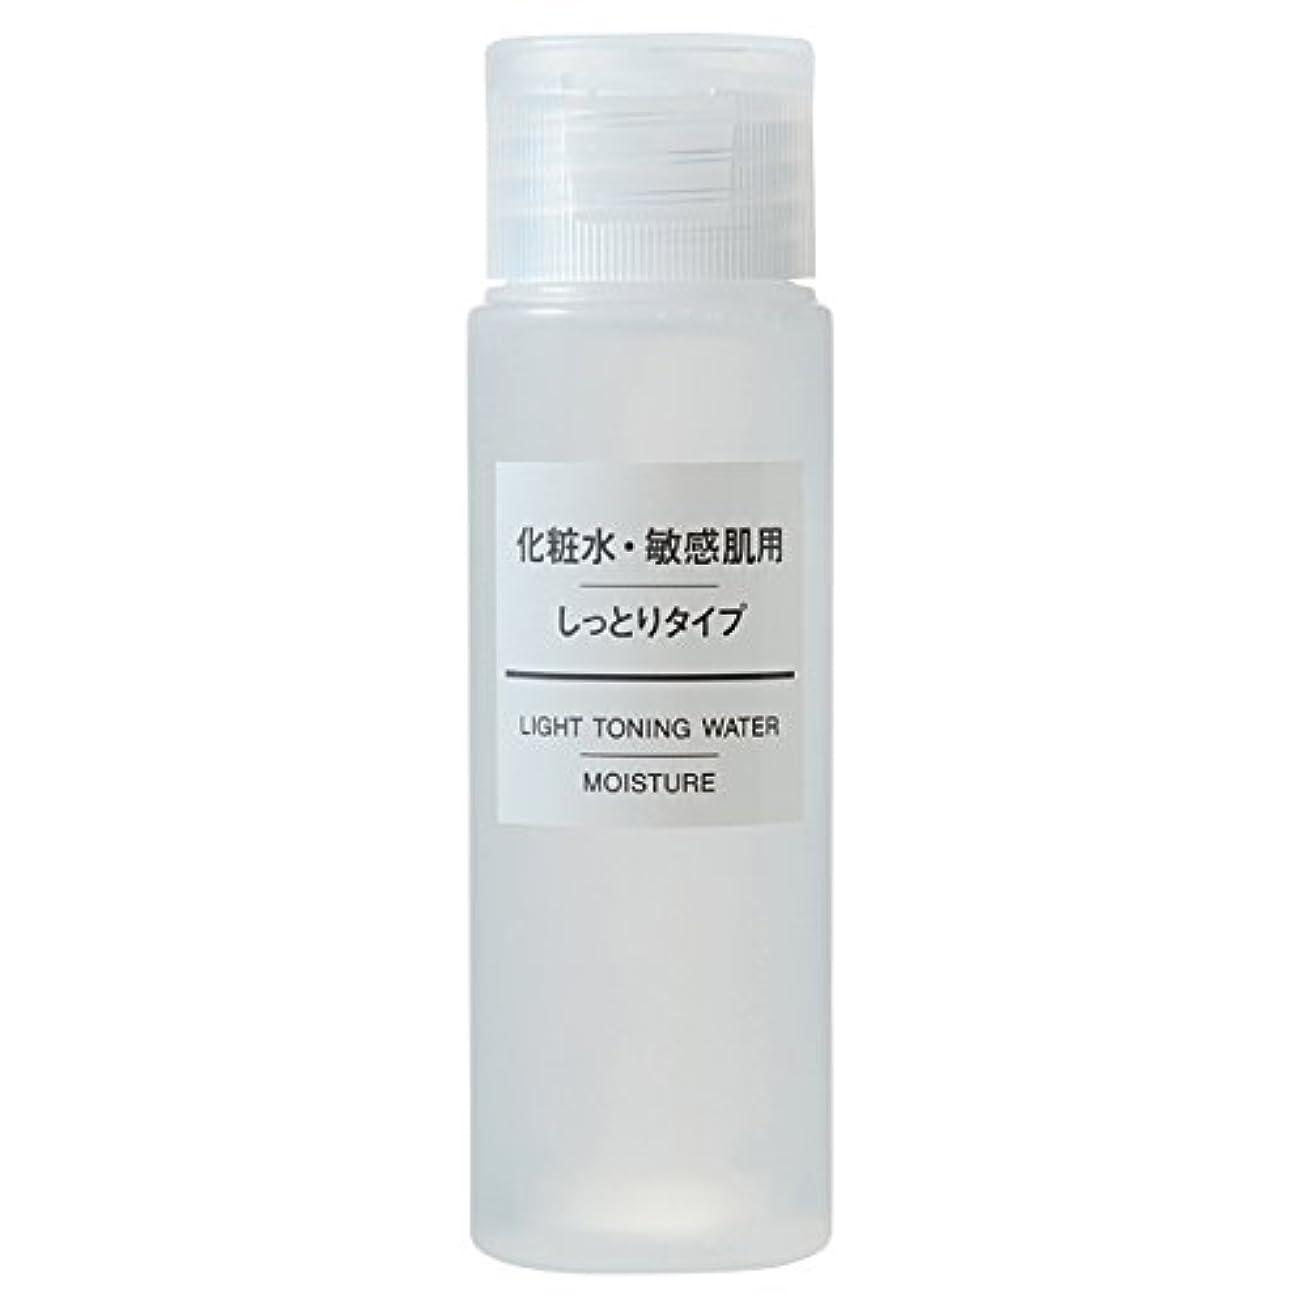 判決民族主義方程式無印良品 化粧水?敏感肌用?しっとりタイプ(携帯用) 50ml